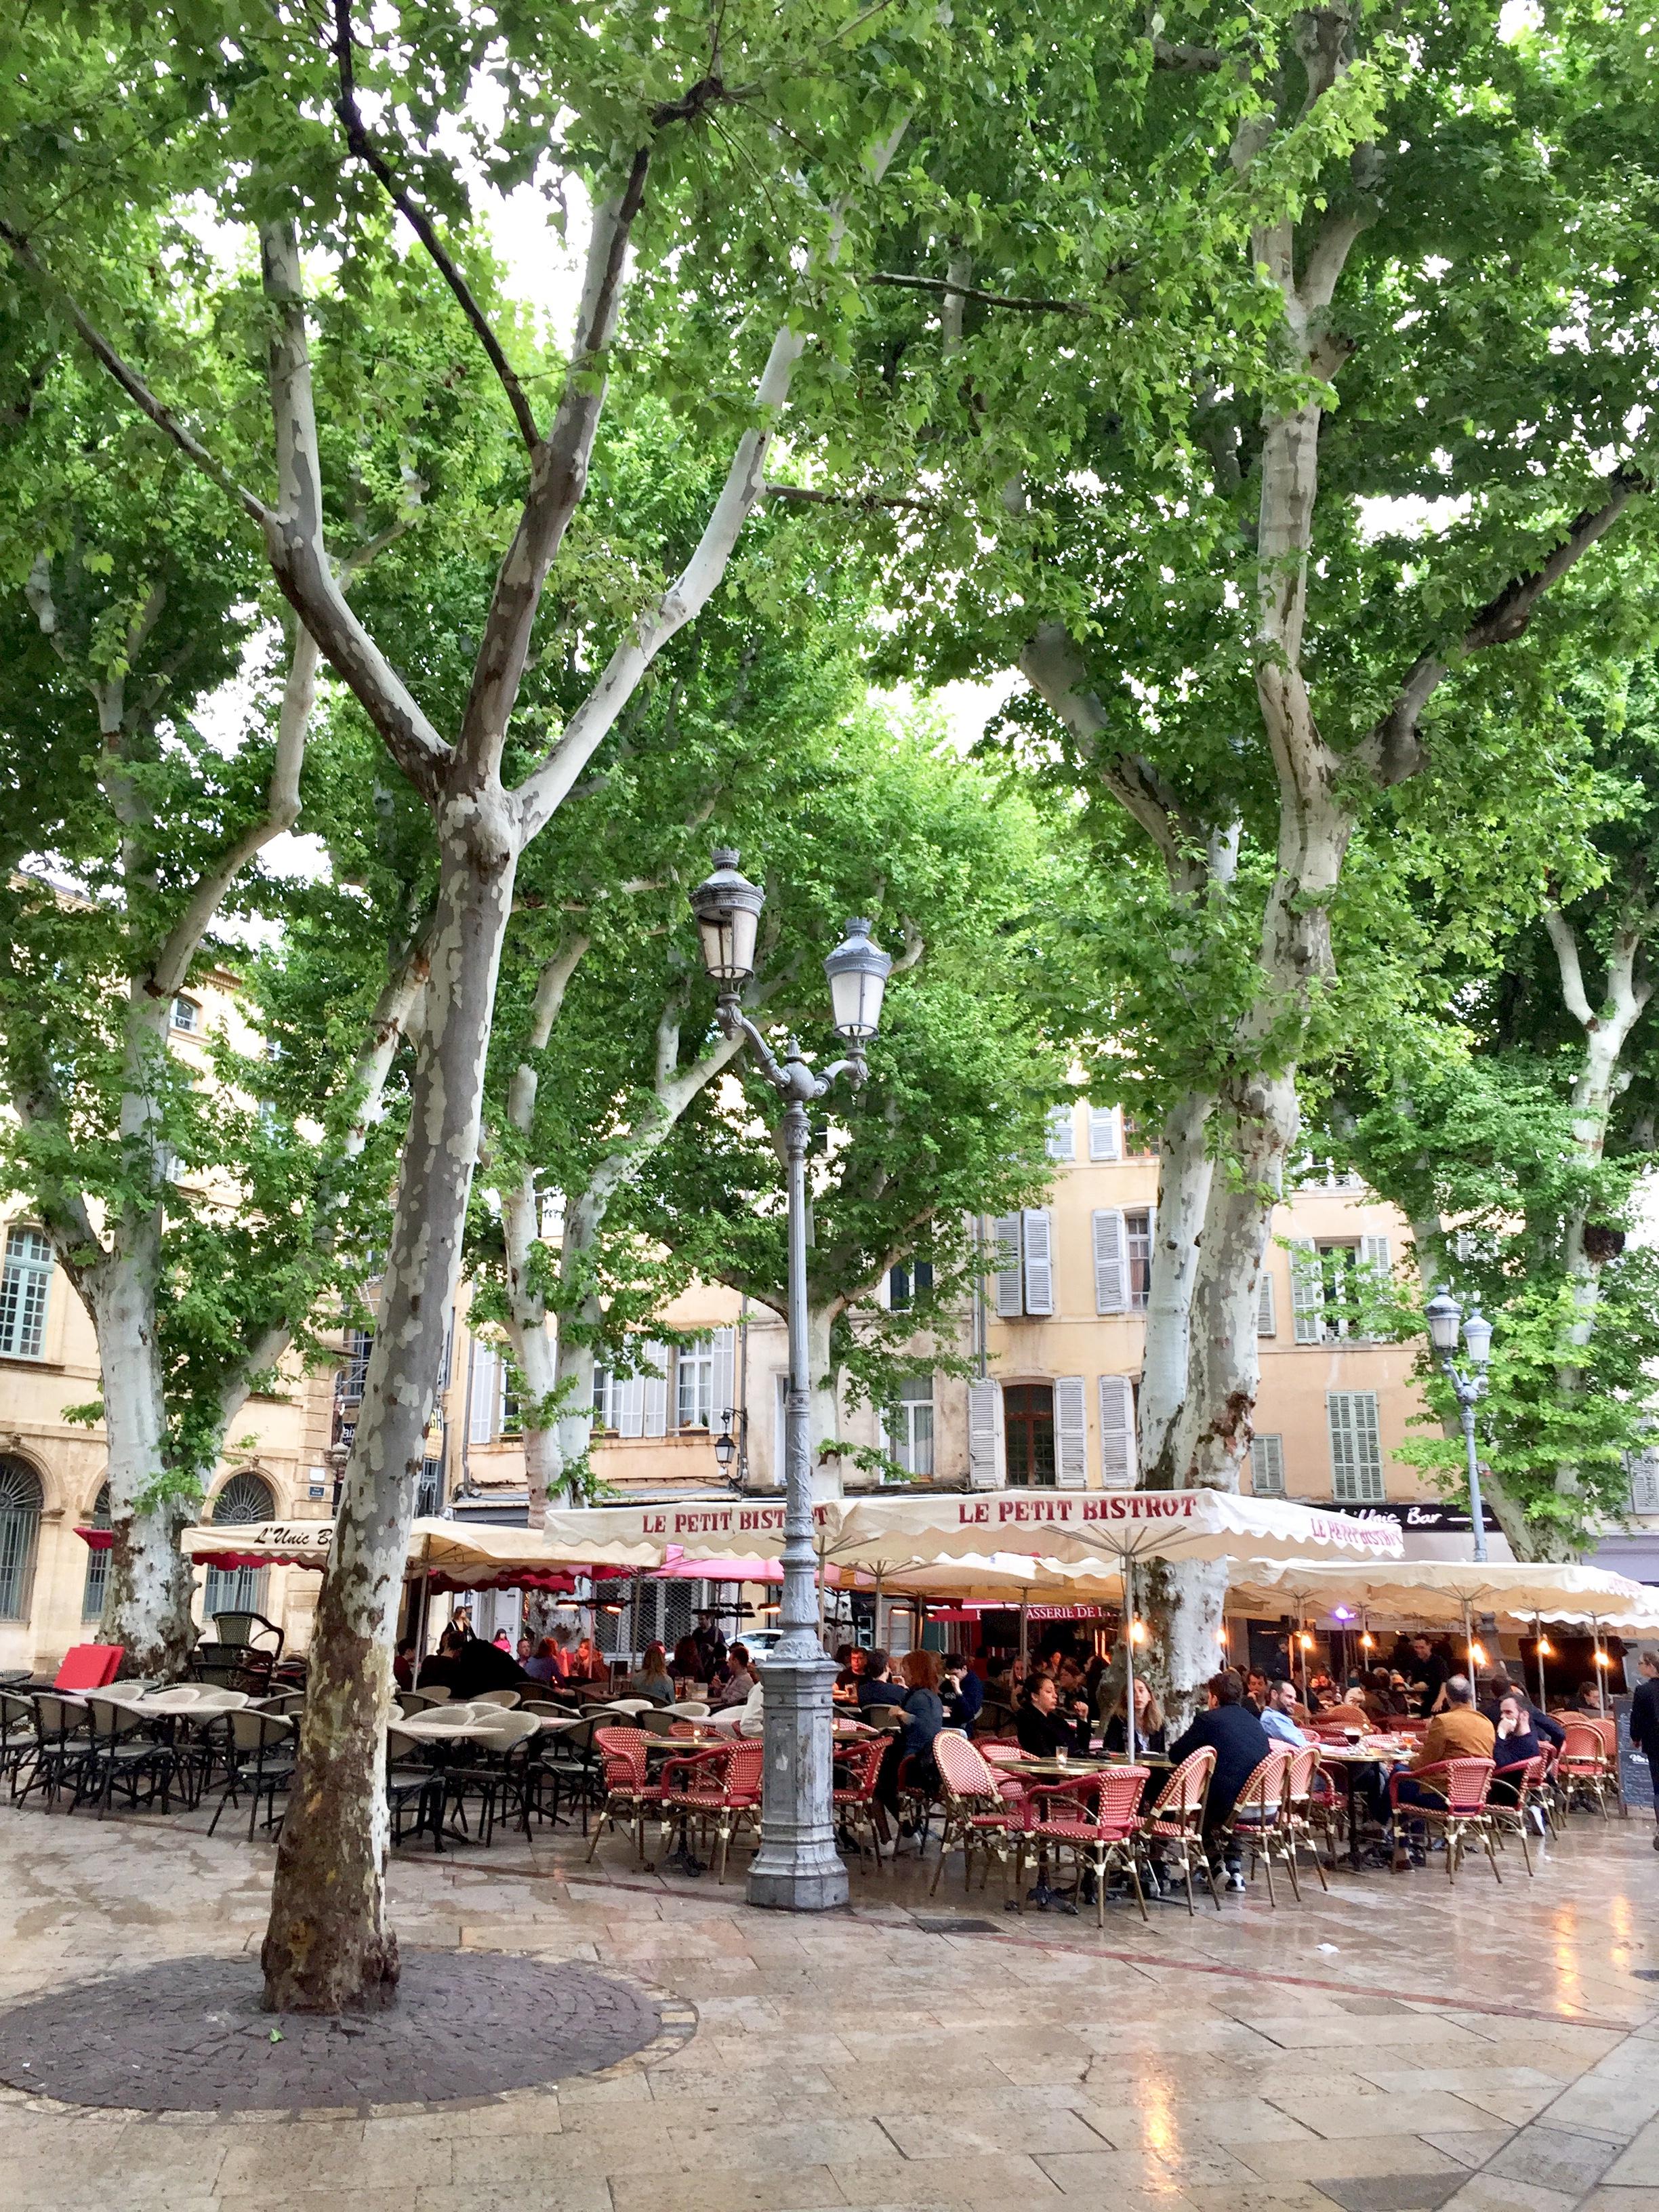 Aix-en-provence Lauren Loves Laughter1.jpg